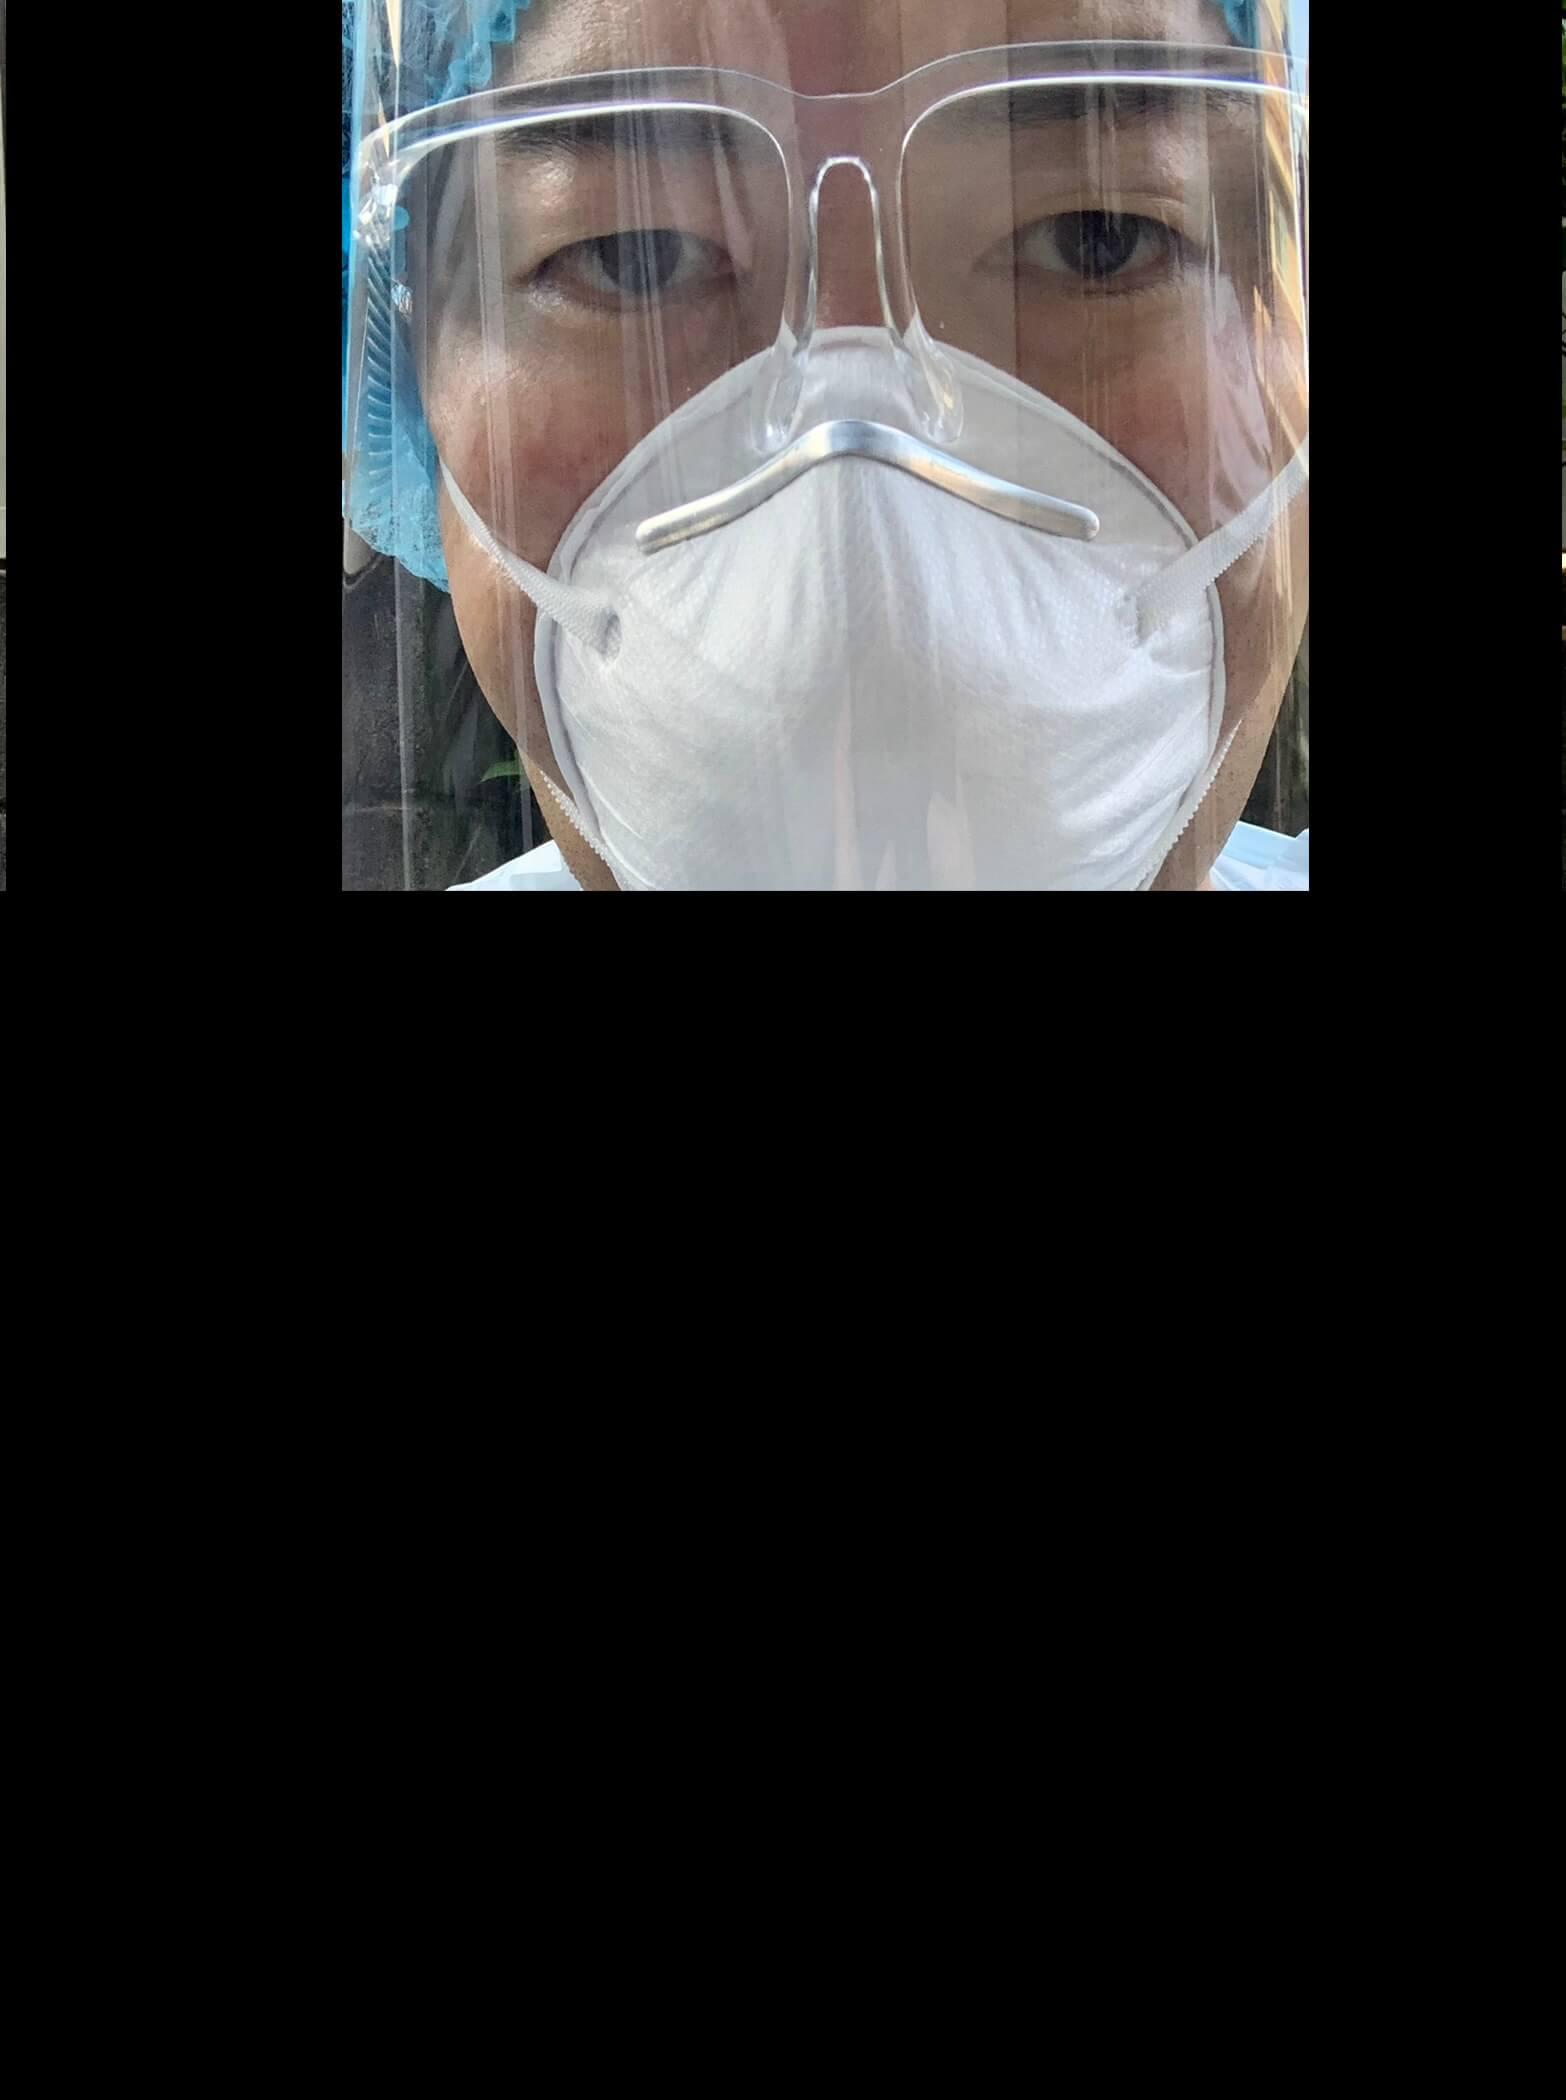 相模原のコロナウイルス自宅療養者への訪問診療